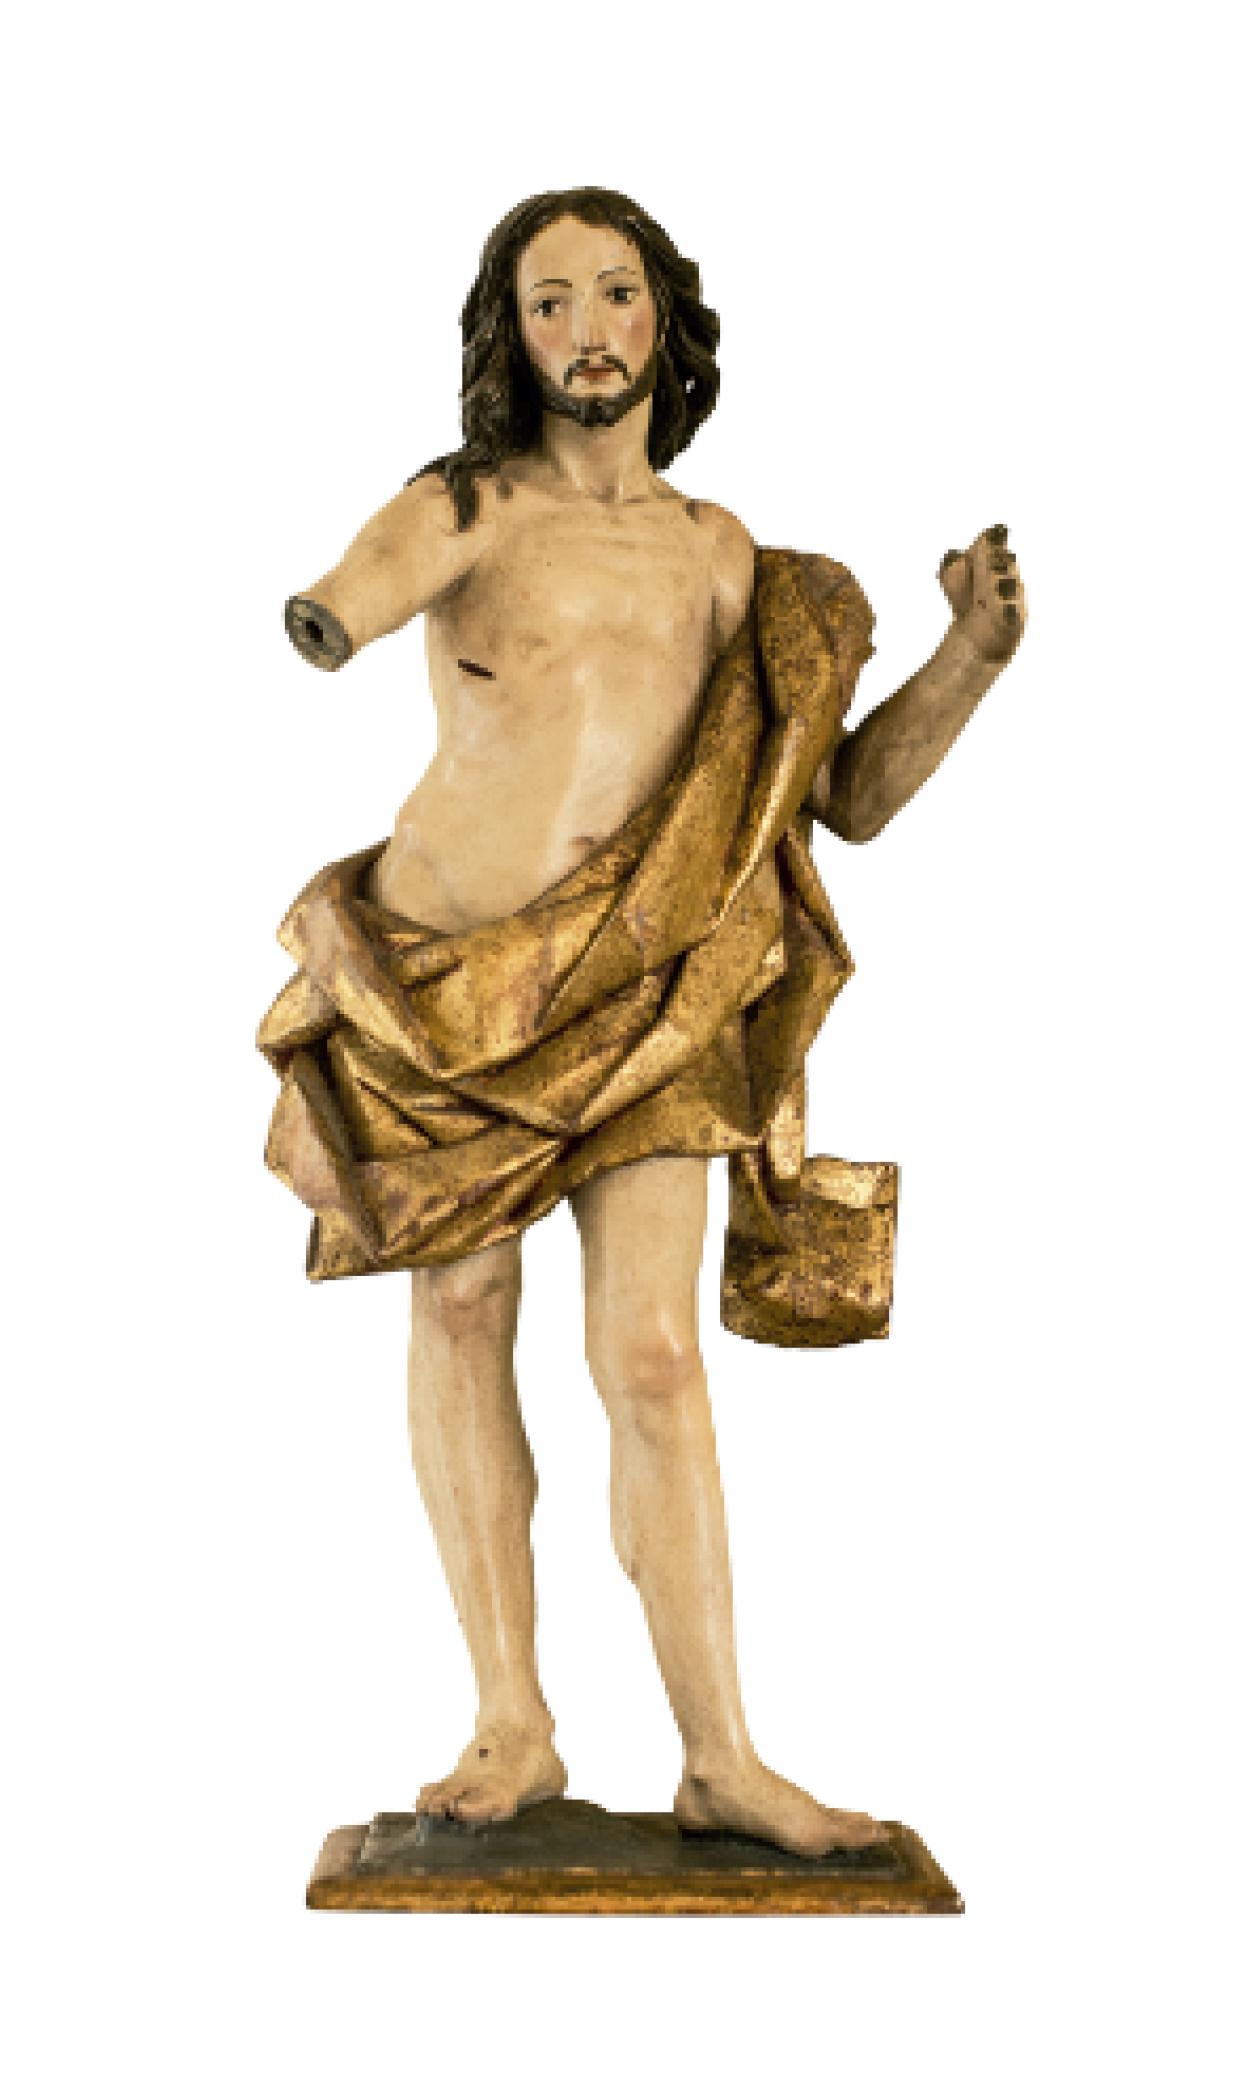 Cristo Resucitado (1699 - 1799)